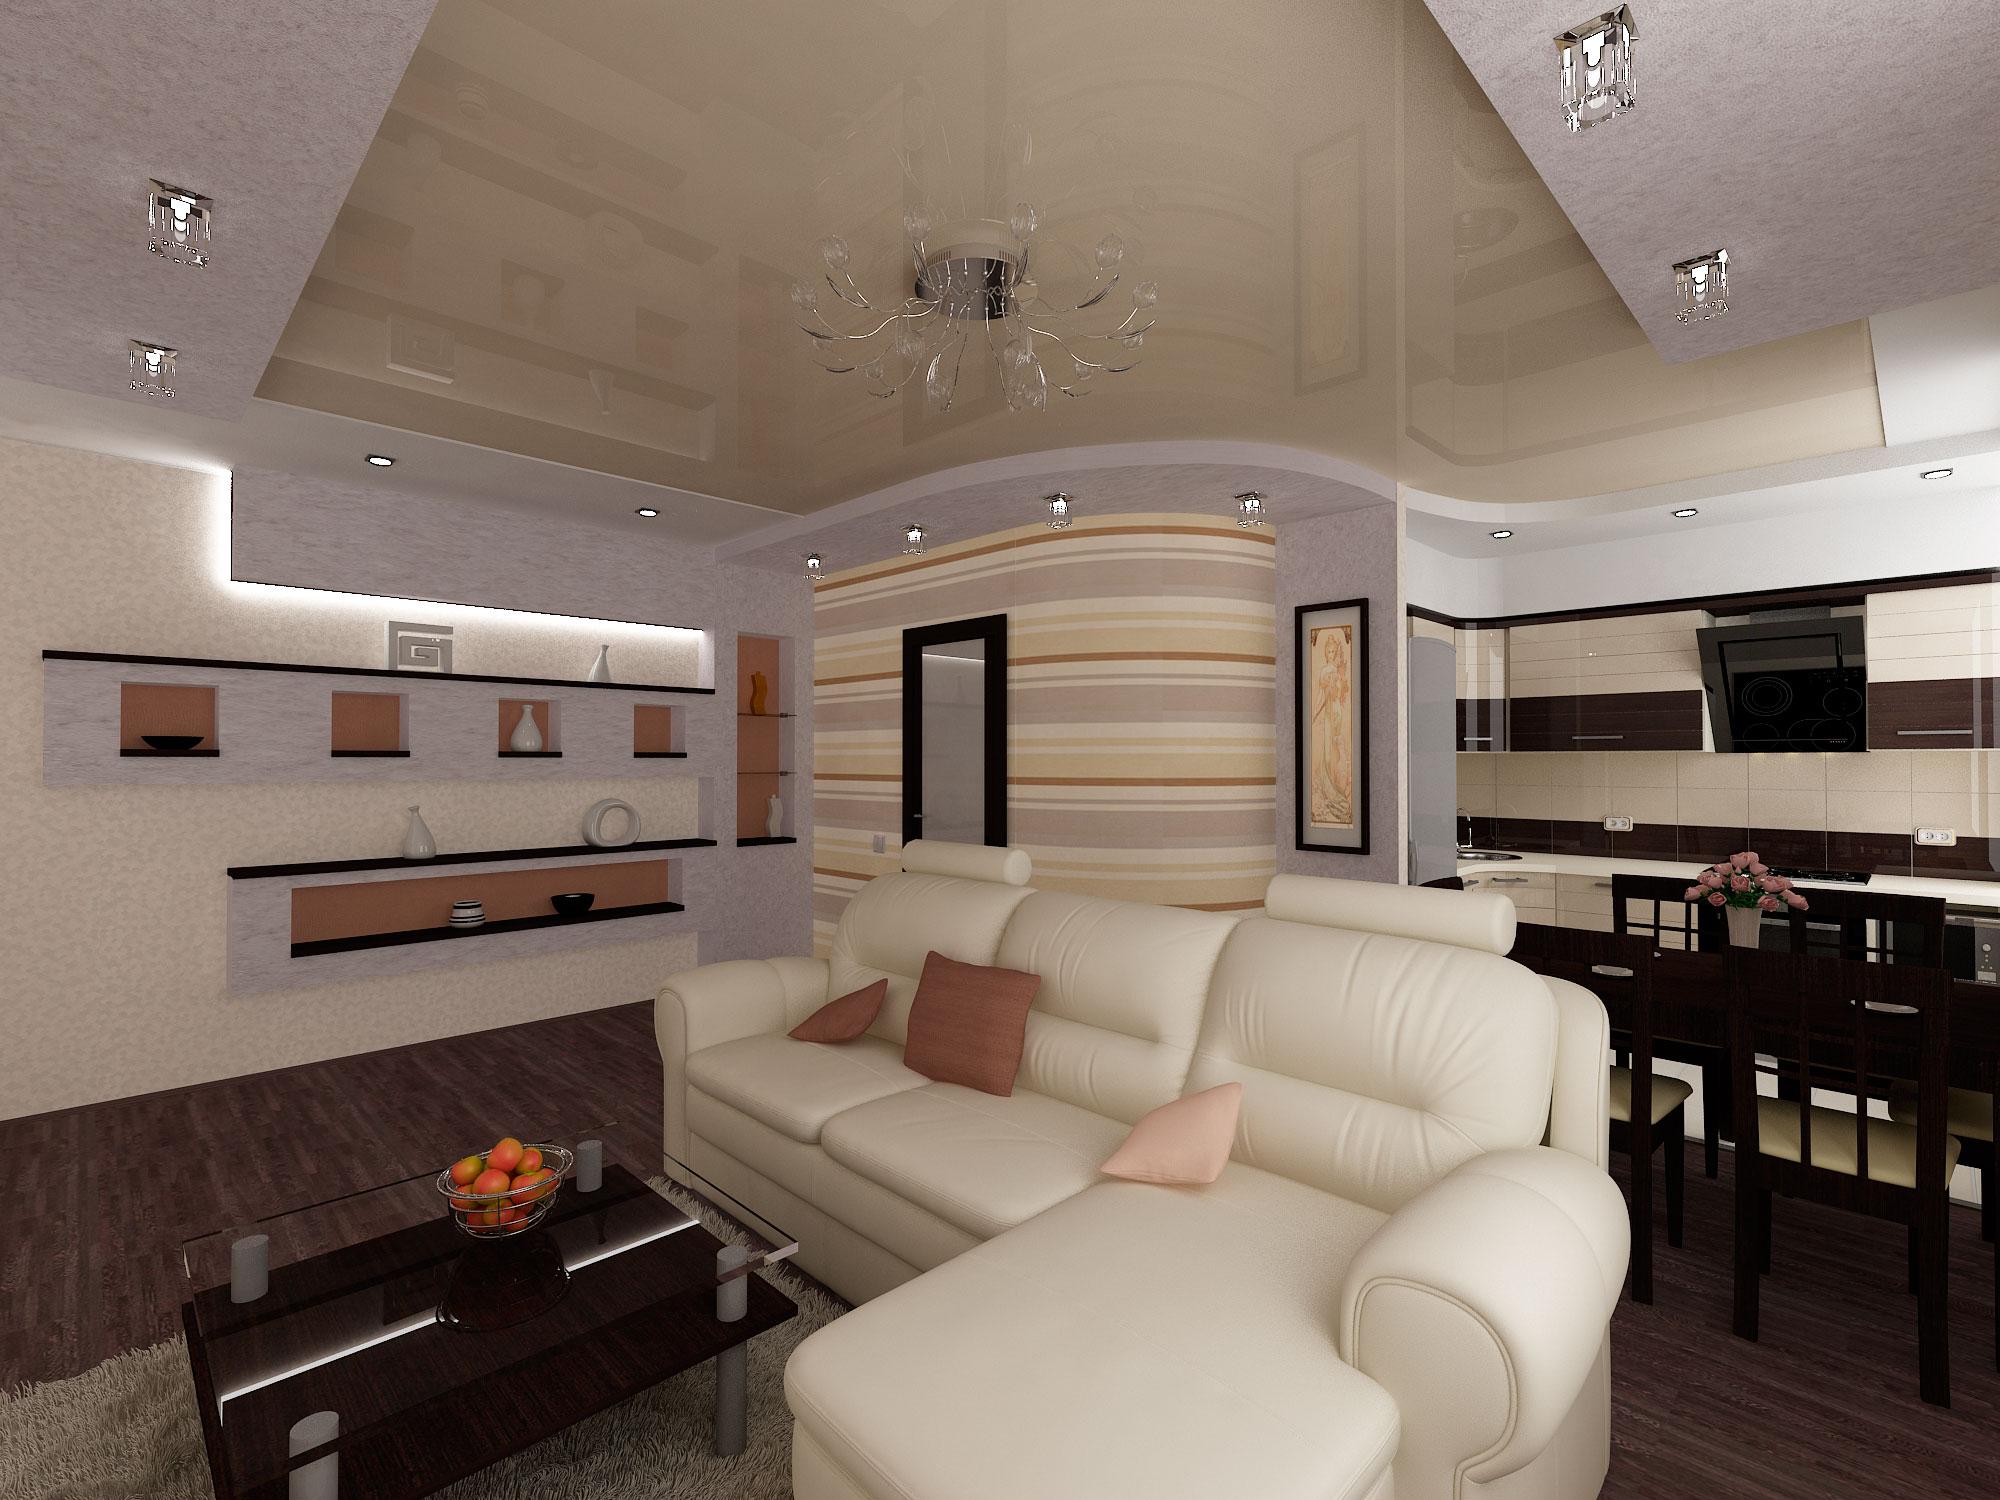 Дизайн кухни-гостиной фото 25 кв.м